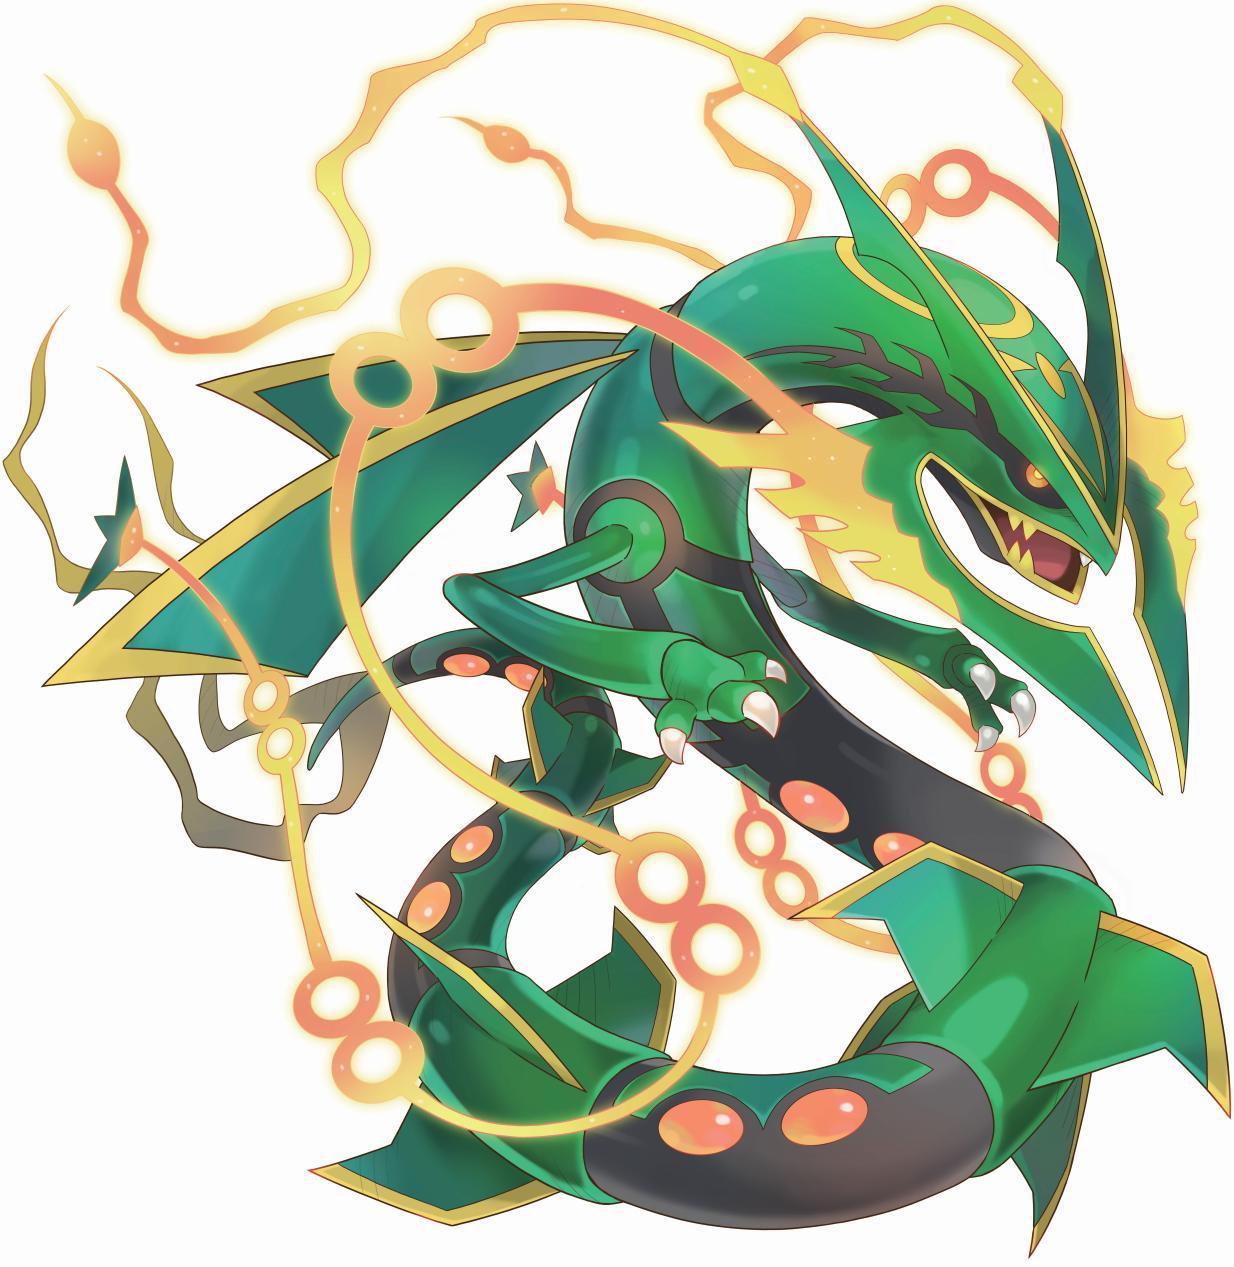 Mega rayquaza pokemon mega evolution pokemon rayquaza - Pokemon mega evolution ex ...